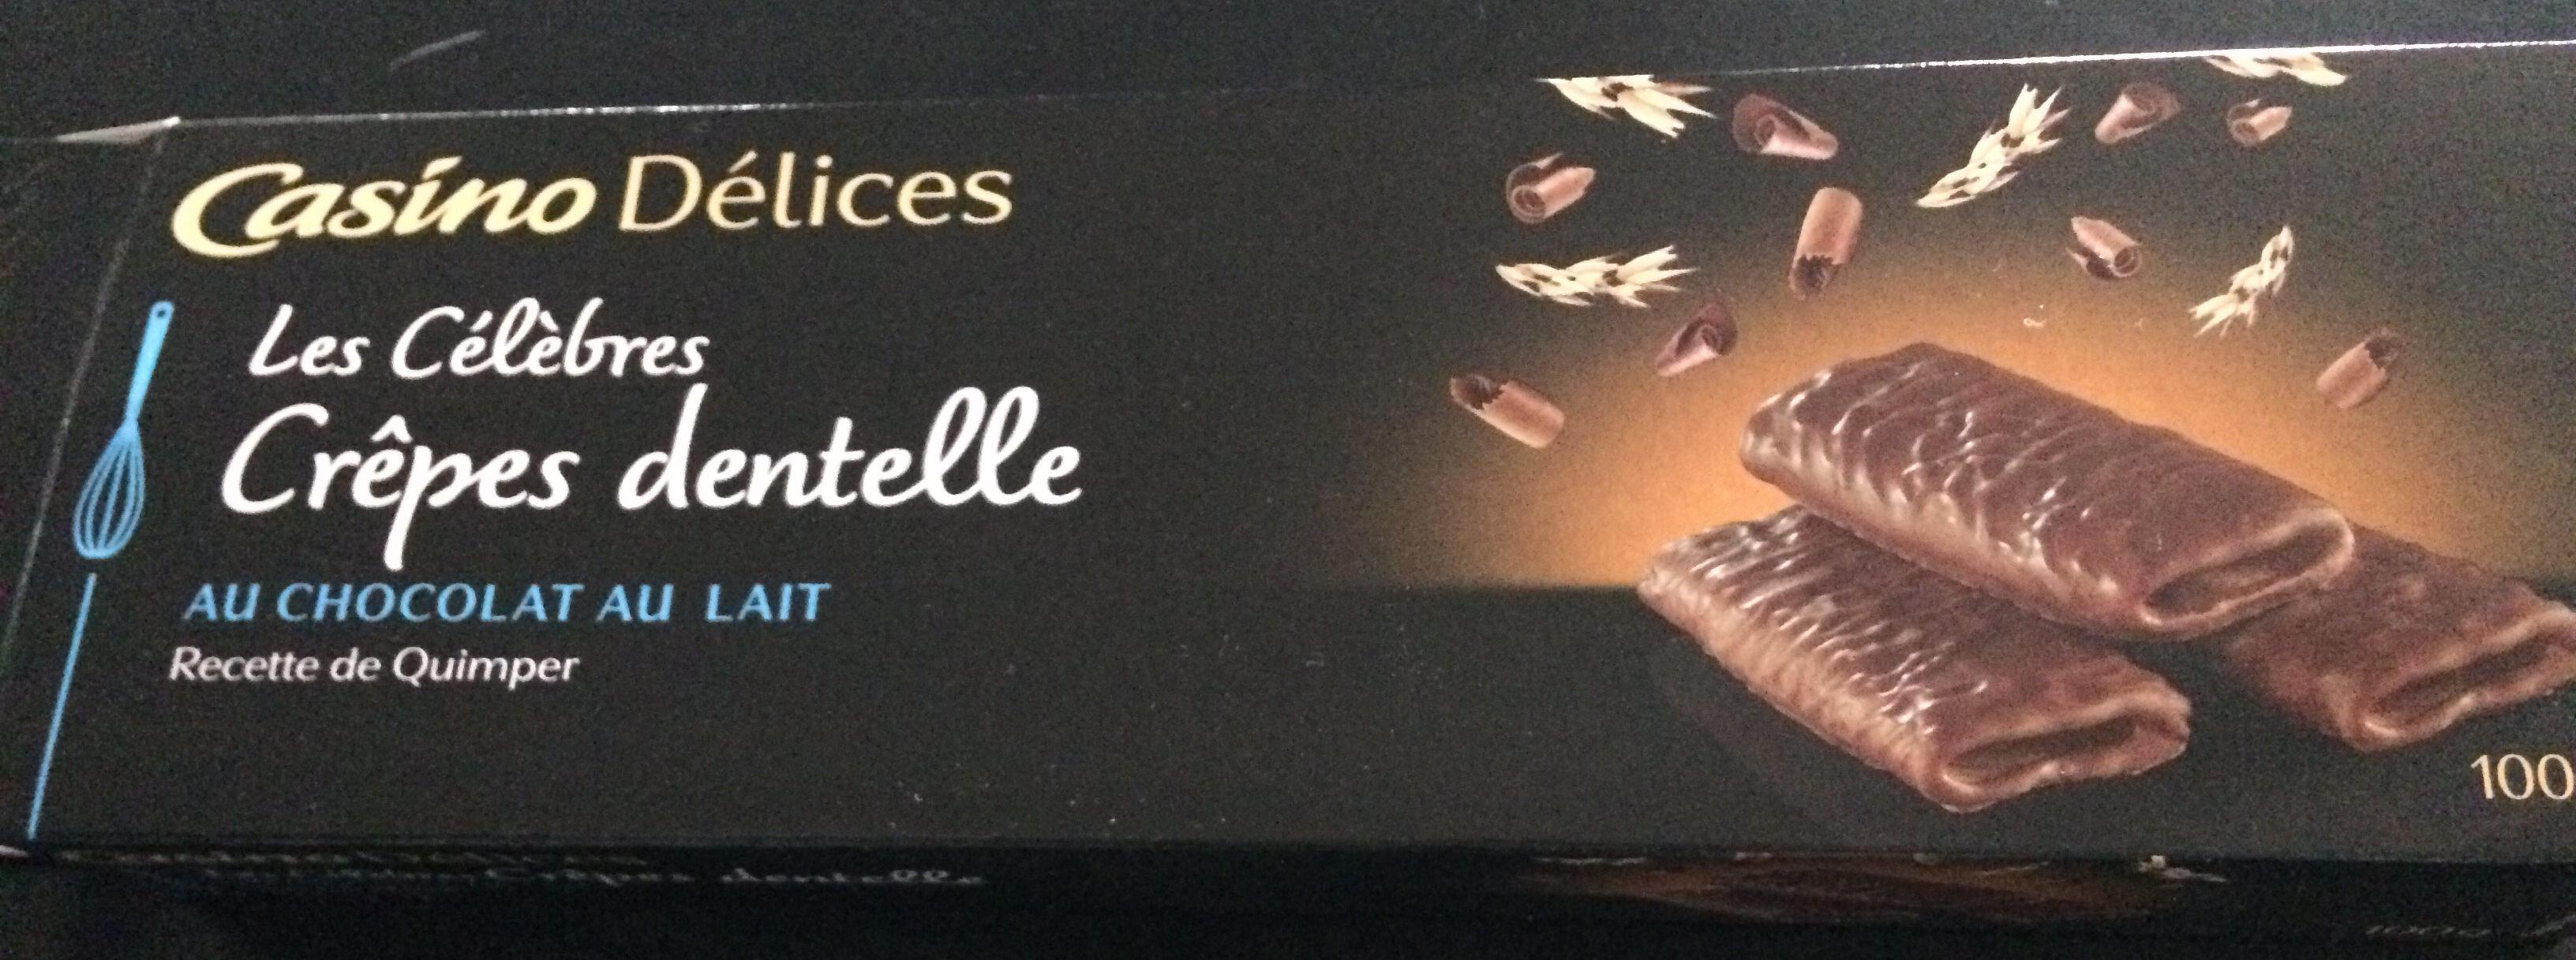 Crêpes dentelle au chocolat au lait - Product - fr